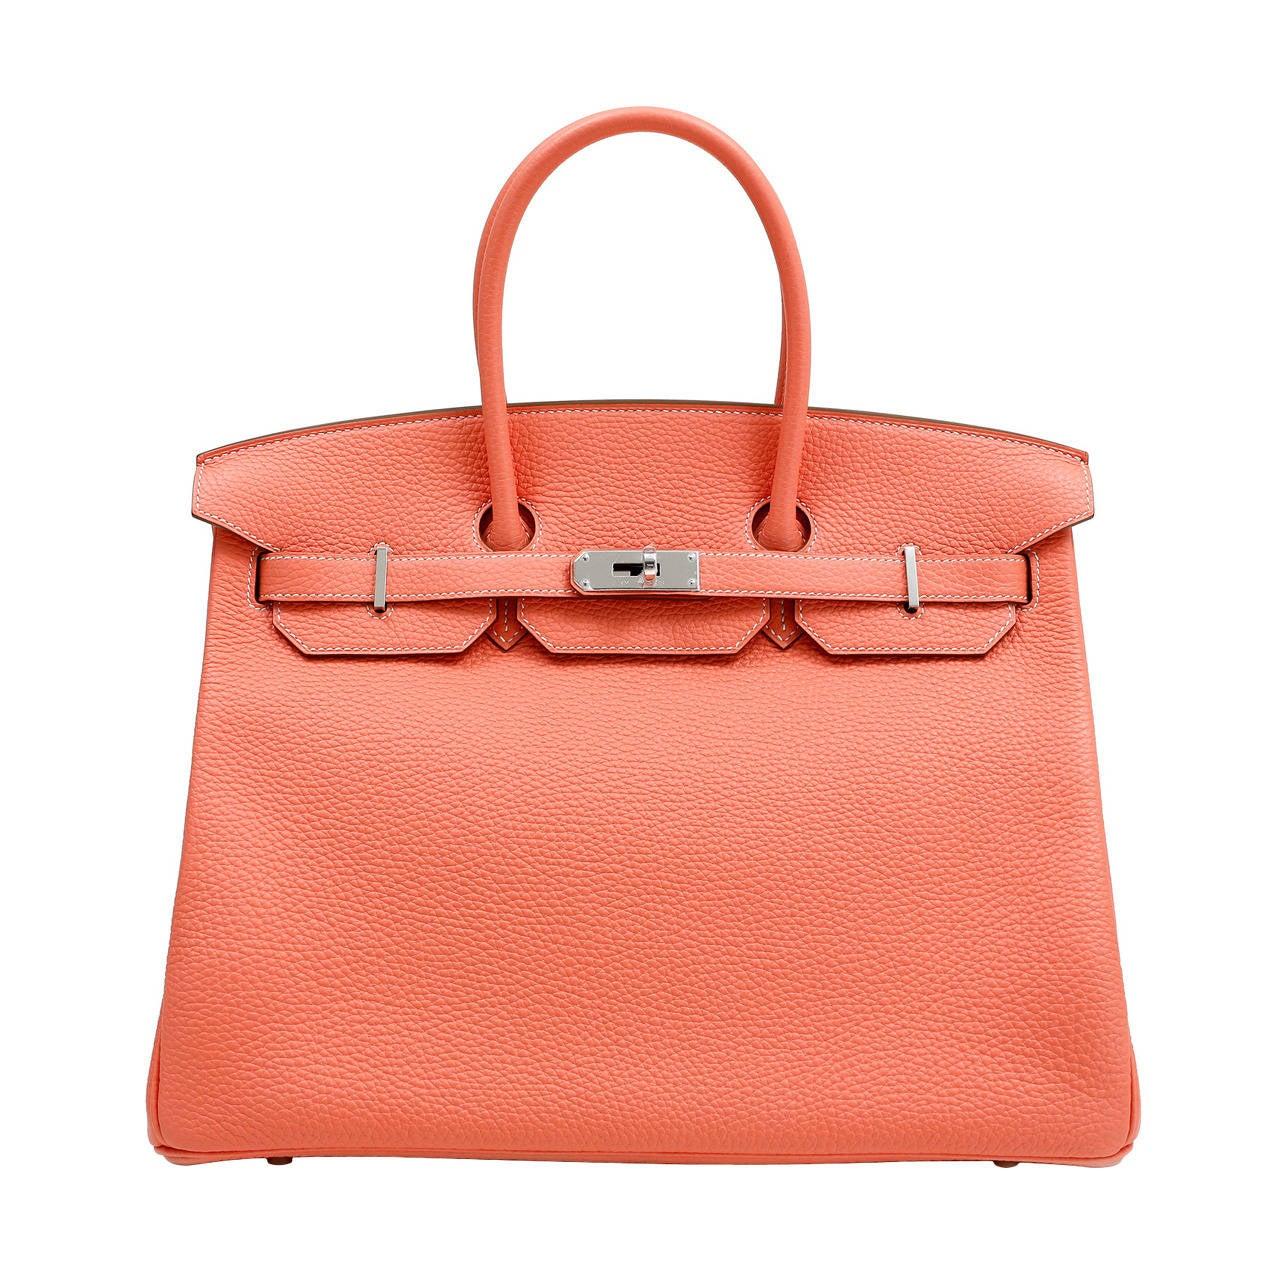 Hermes Crevette Togo 35 cm Birkin Bag- Salmon Pink Color For Sale